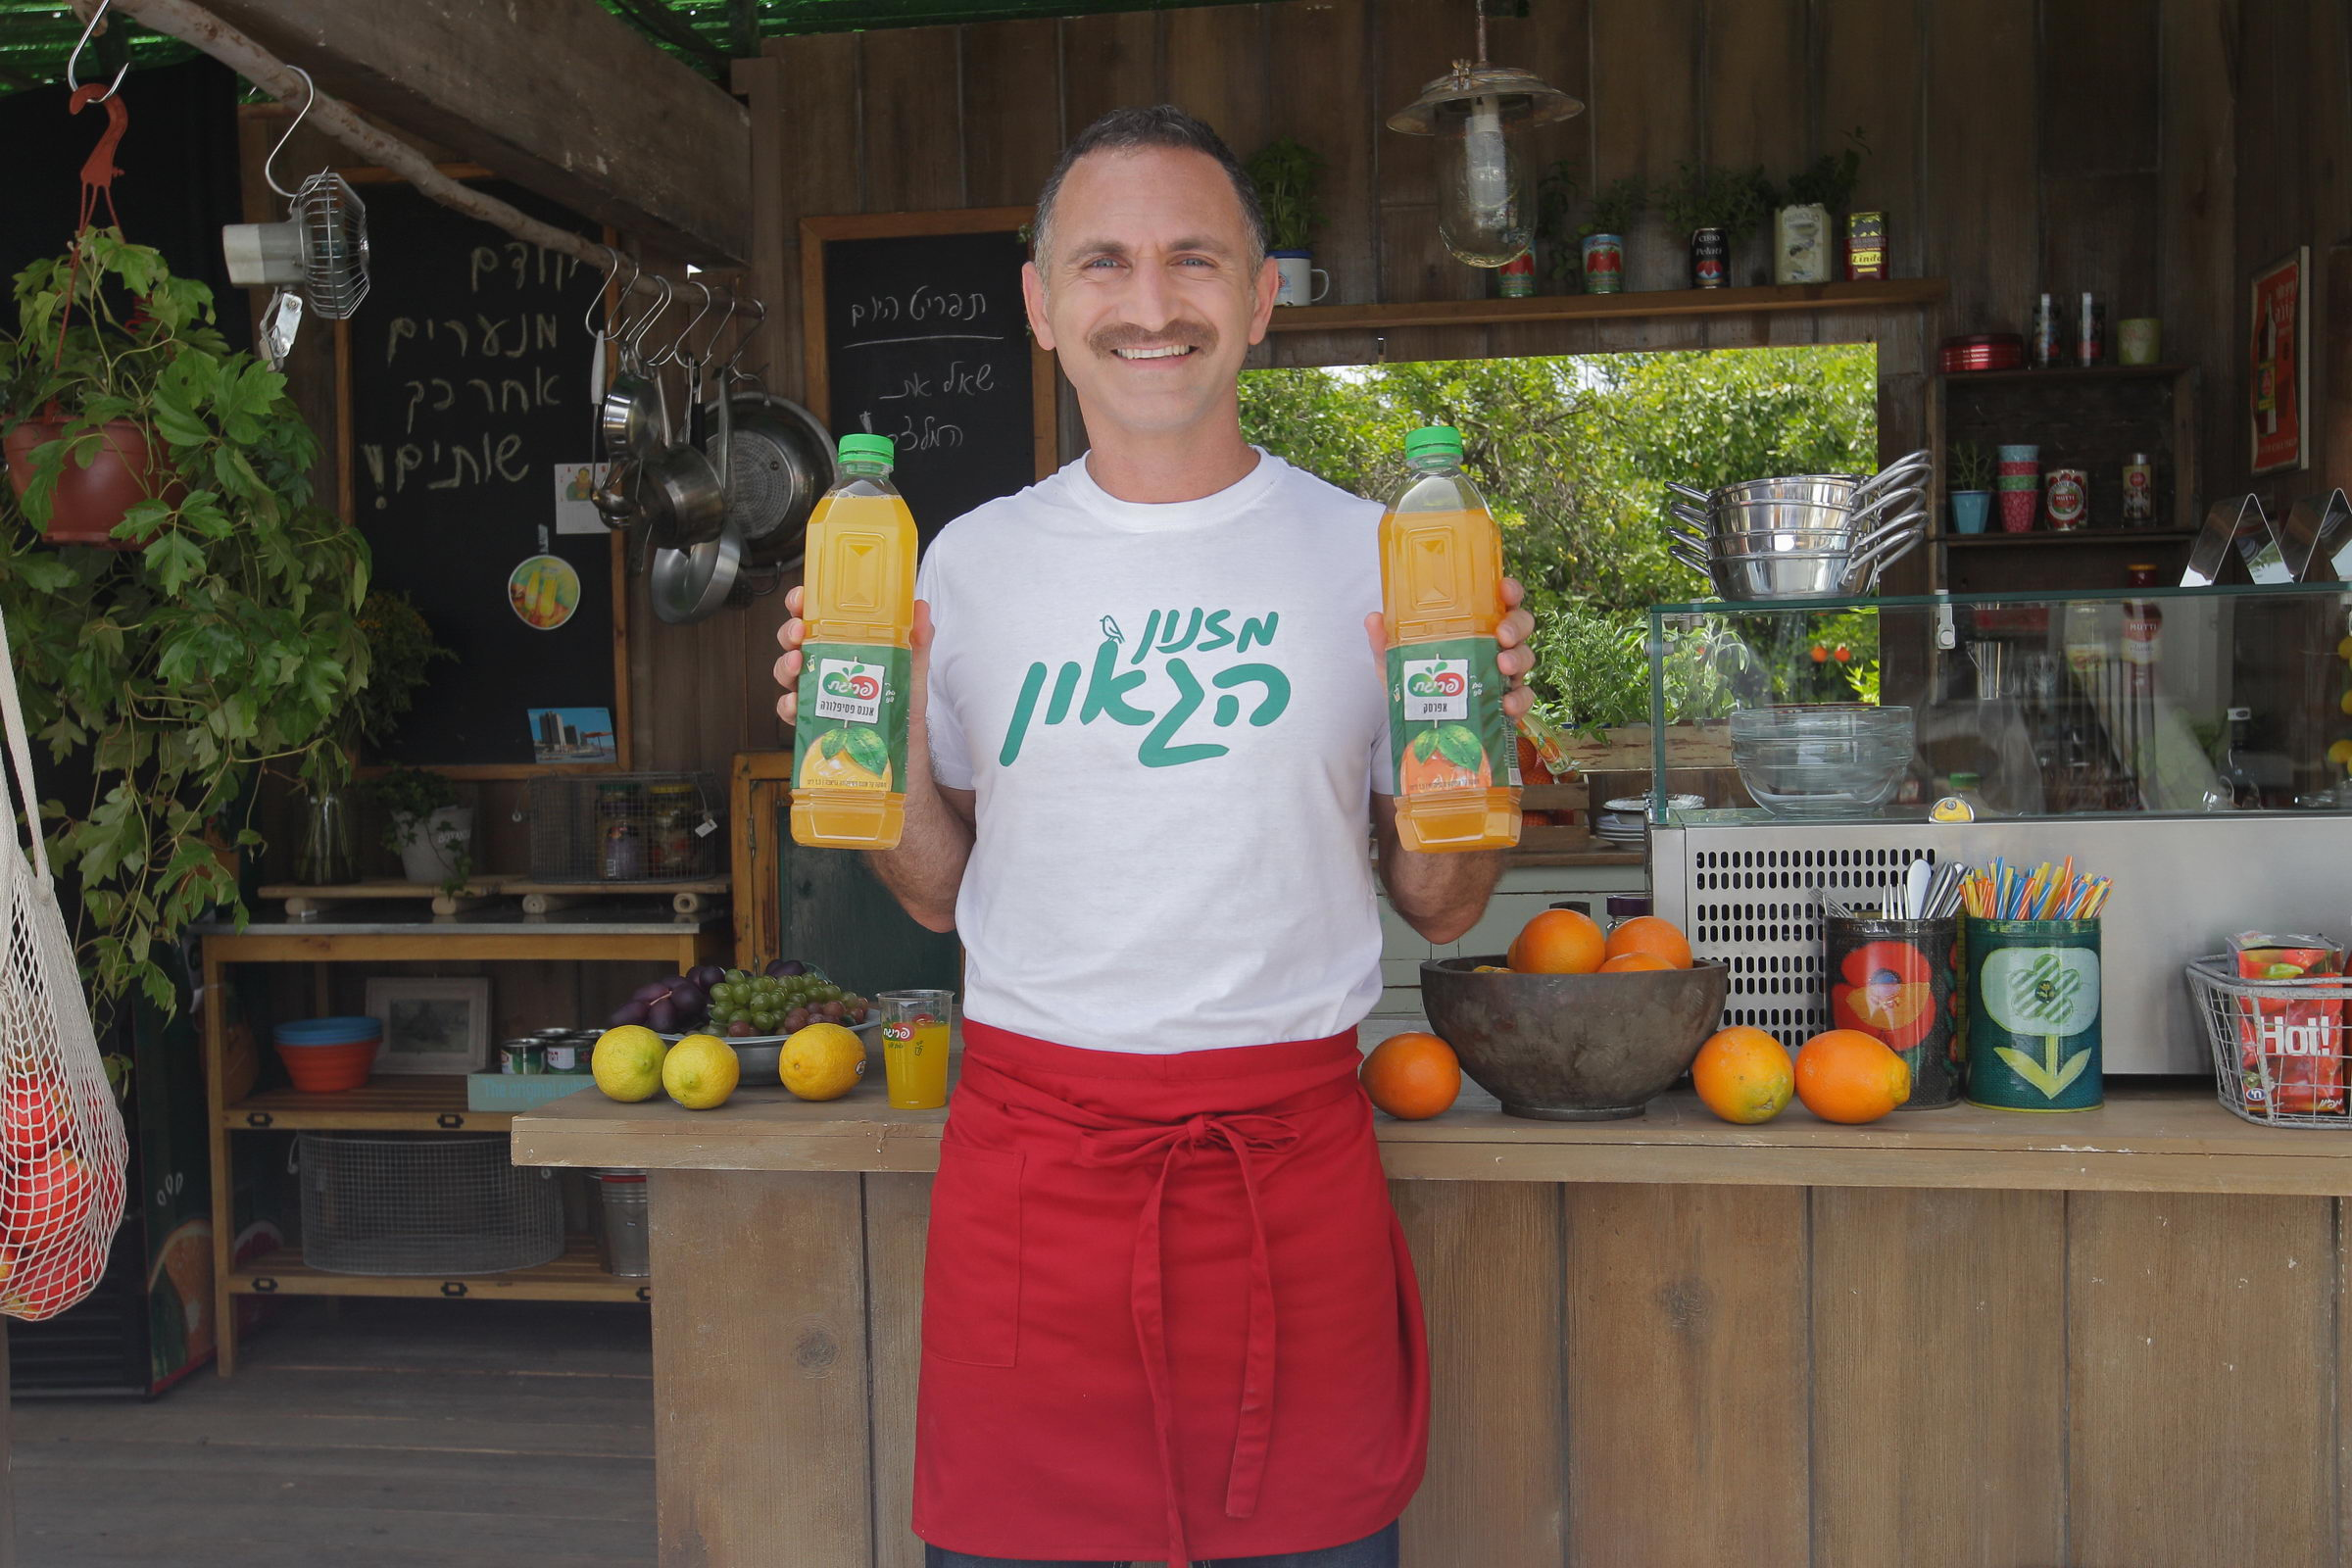 Prigat предлагает два новых легких напитка – «Персик» и «Ананас-пассифлора»